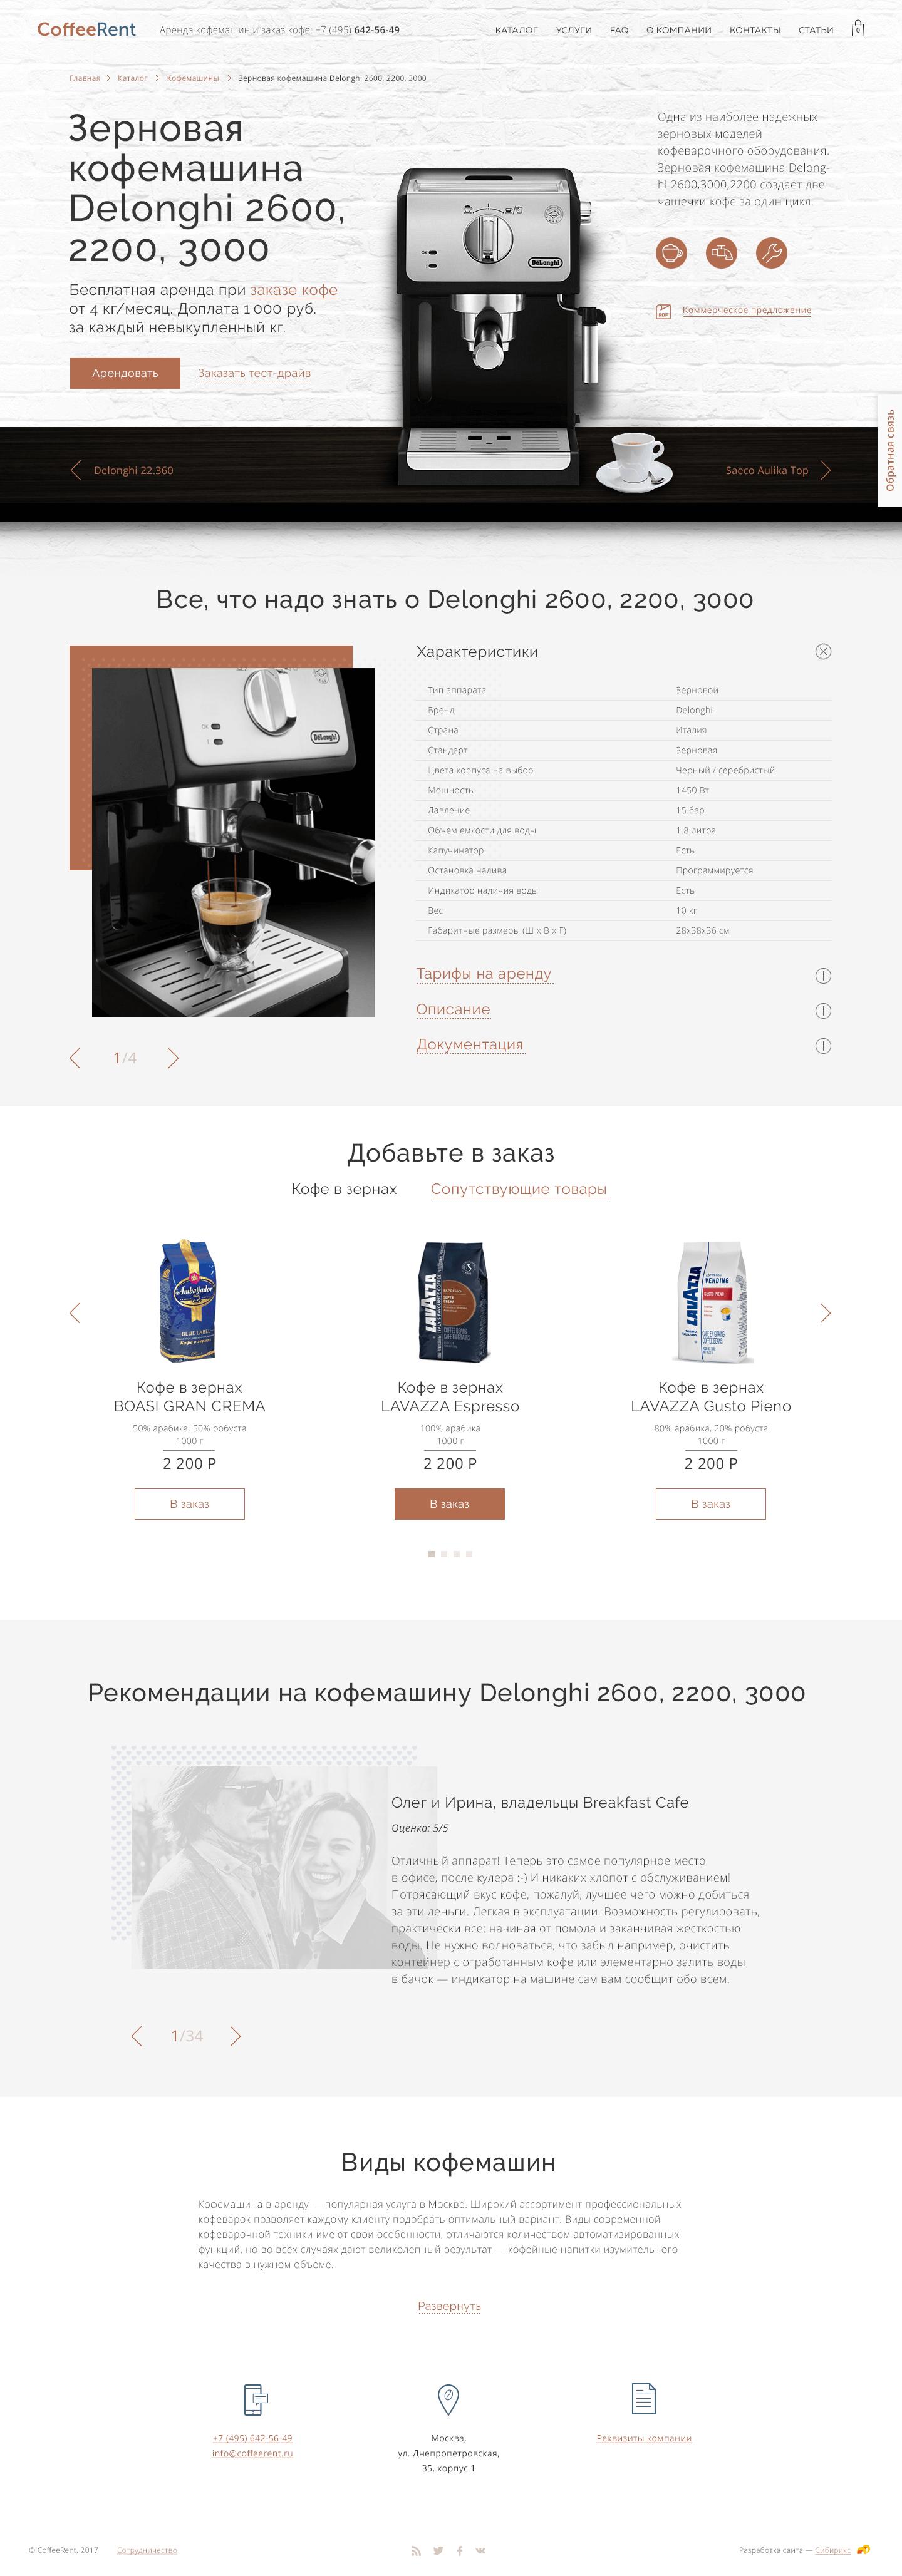 <p><b>Страница кофемашины</b></p><p>Если зайти на&nbsp;страницу конкретной кофемашины, появится импровизированная столешница, на&nbsp;которой стоит аппарат. Рядом вся ключевая информация&nbsp;&mdash; рекомендуемая нагрузка в&nbsp;расчёте на&nbsp;количество чашек в&nbsp;день, иконки с&nbsp;параметрами (подключение к&nbsp;водопроводу, автоматический капучинатор или бесплатное обслуживание), а&nbsp;также кнопка &laquo;арендовать&raquo; для быстрого перехода к&nbsp;форме заявки.</p>